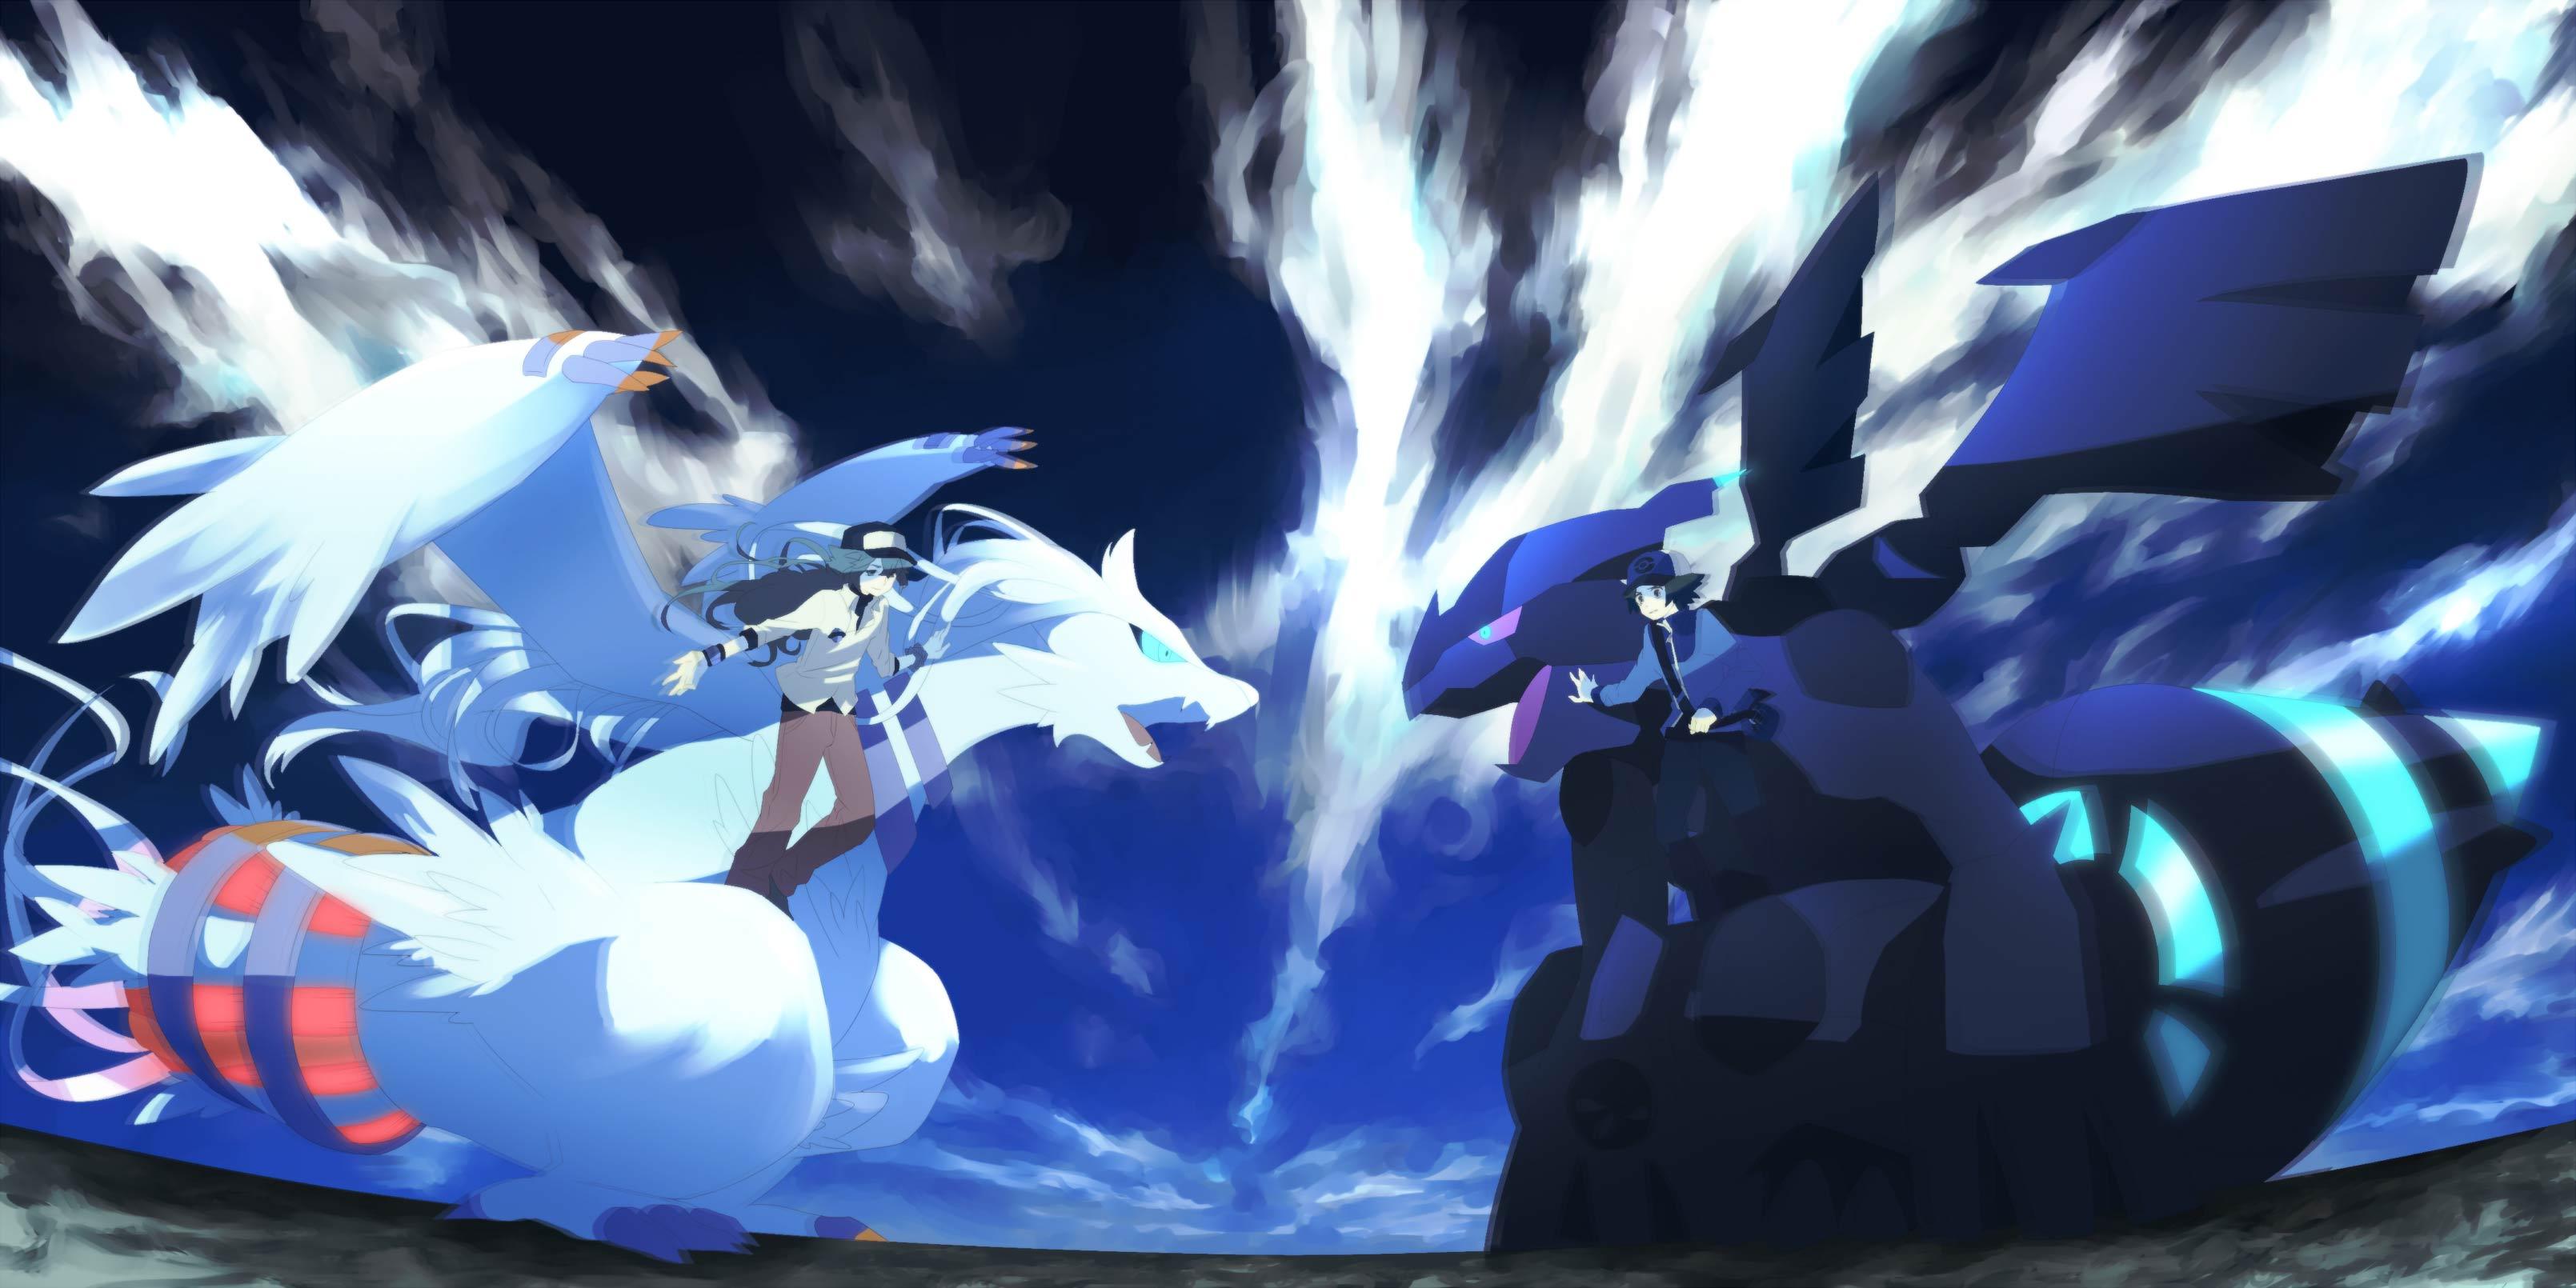 Art Legendary Pokemon Wallpaper 32728 Wallpaper 3219x1610